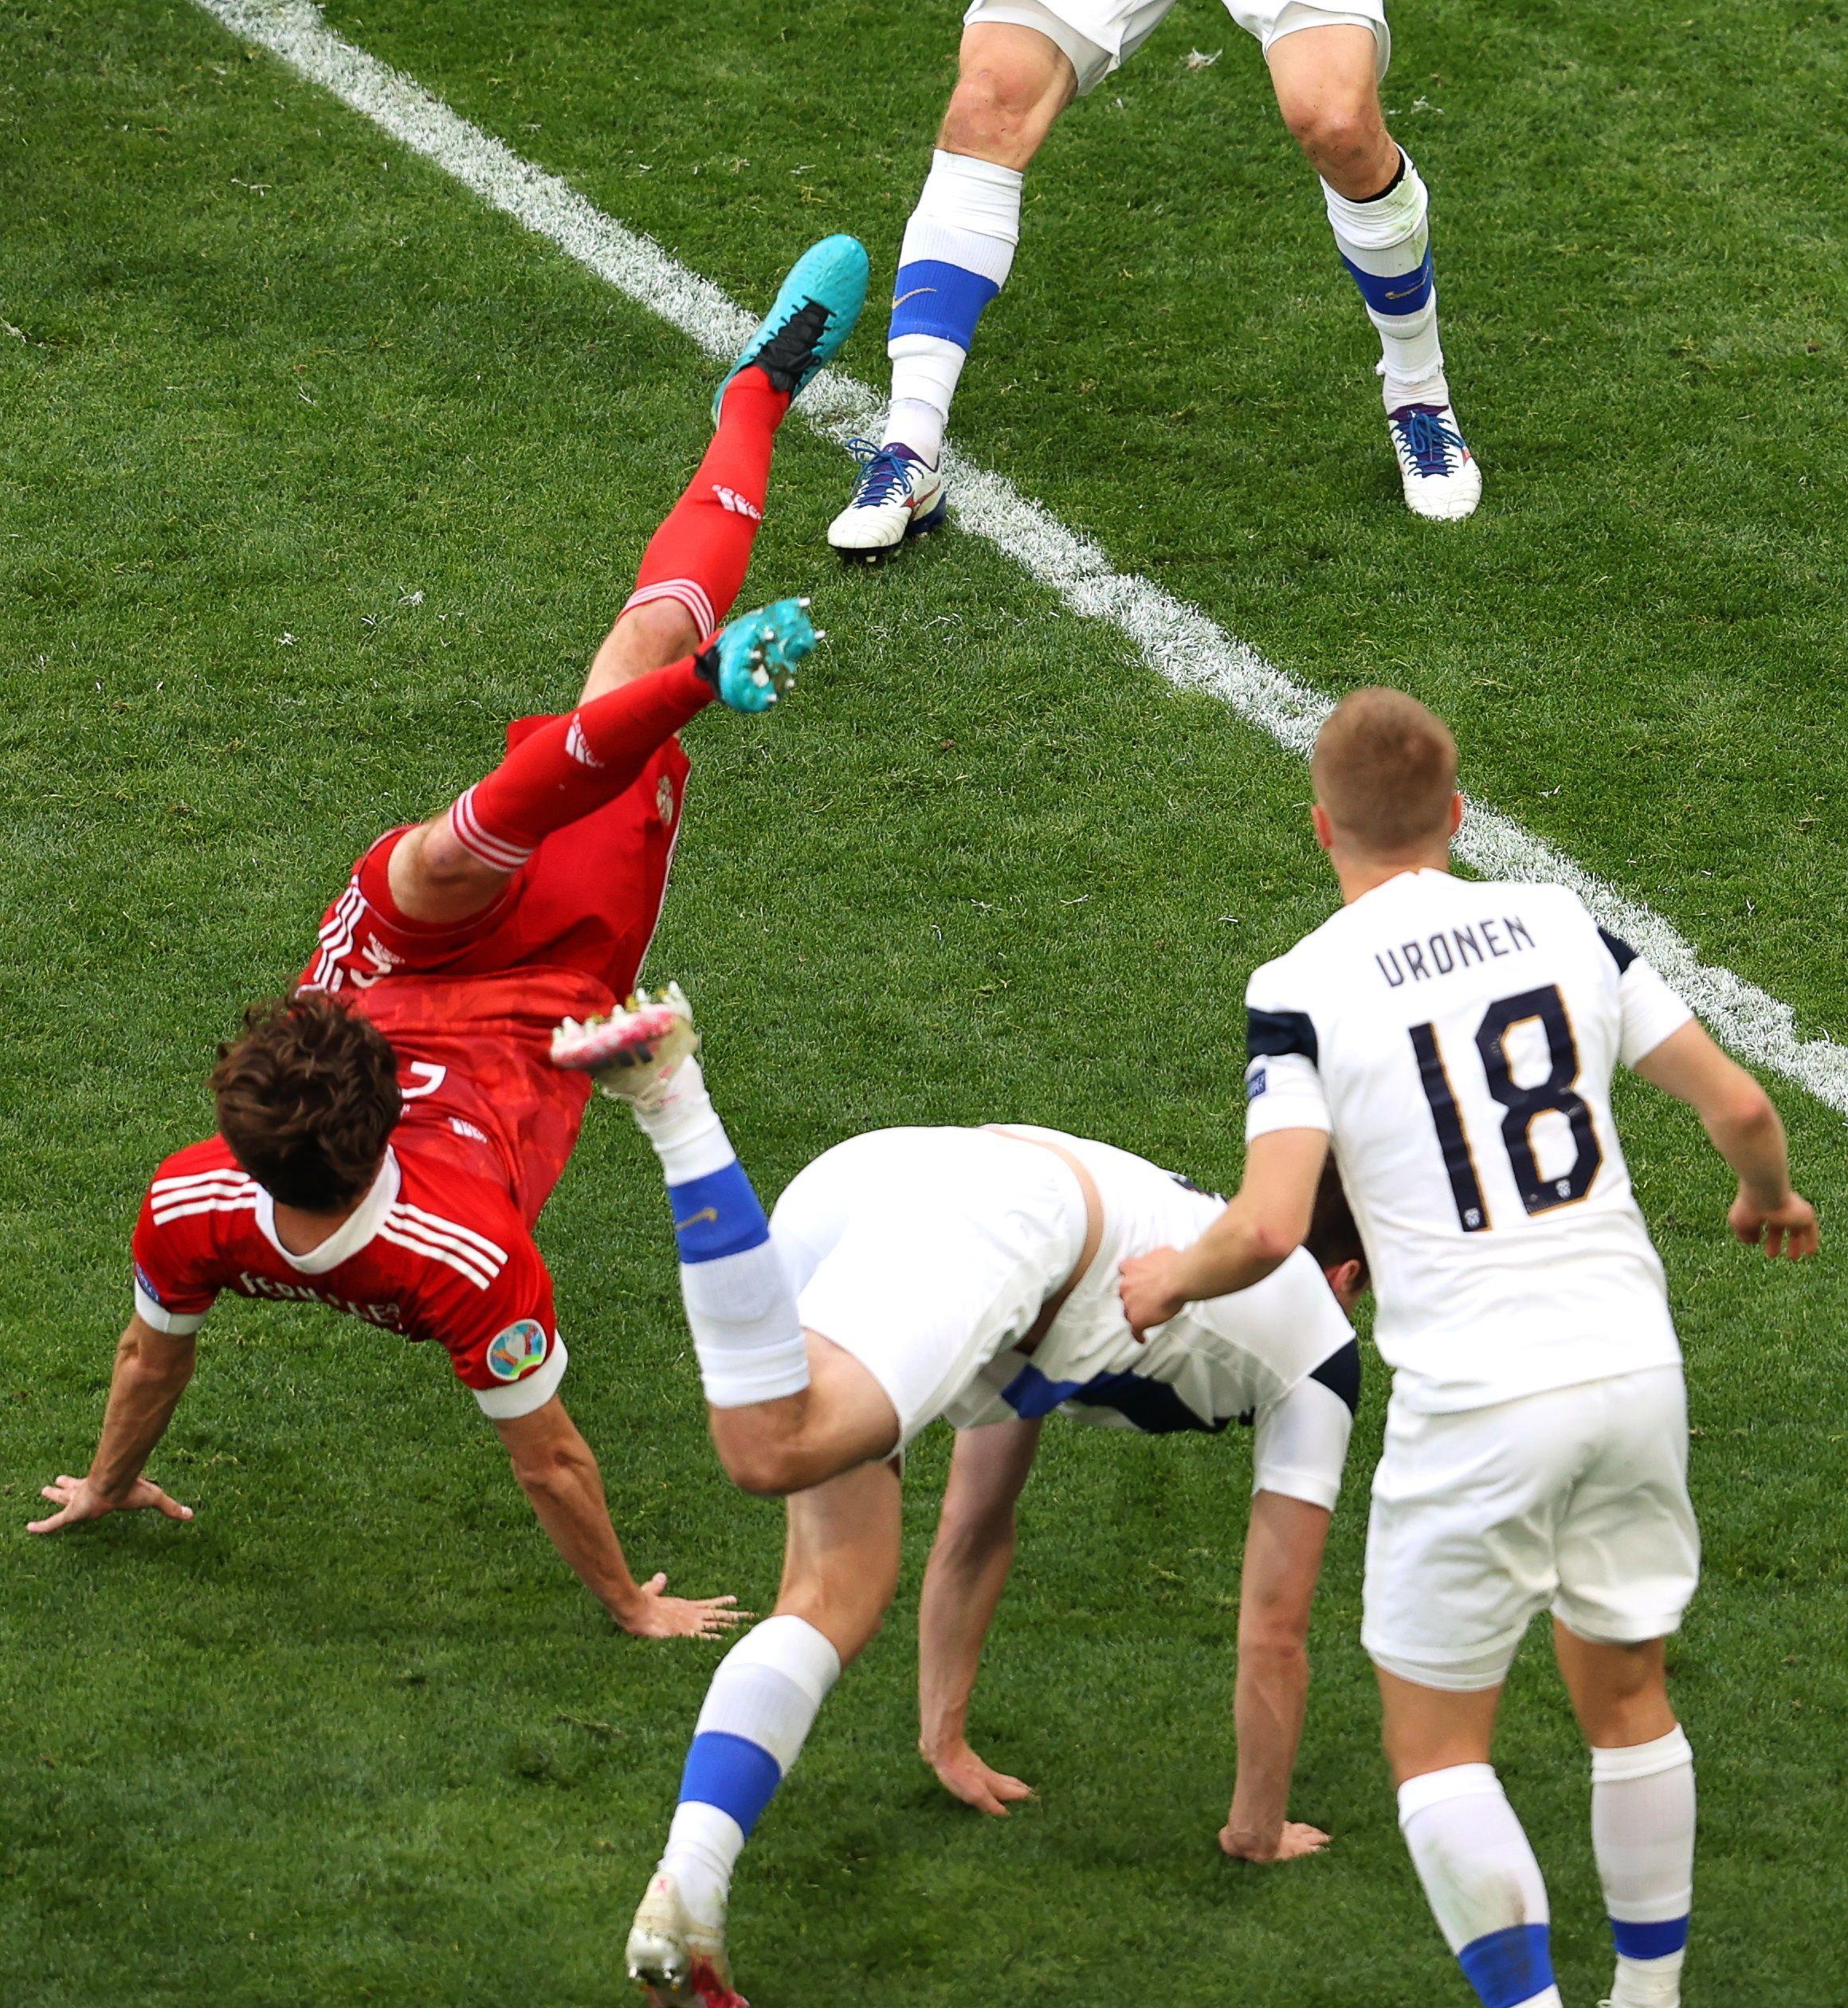 dramatica-lesion-de-un-futbolista-de-rusia:-tiene-afectada-la-columna-vertebral-y-hay-preocupacion-en-la-eurocopa